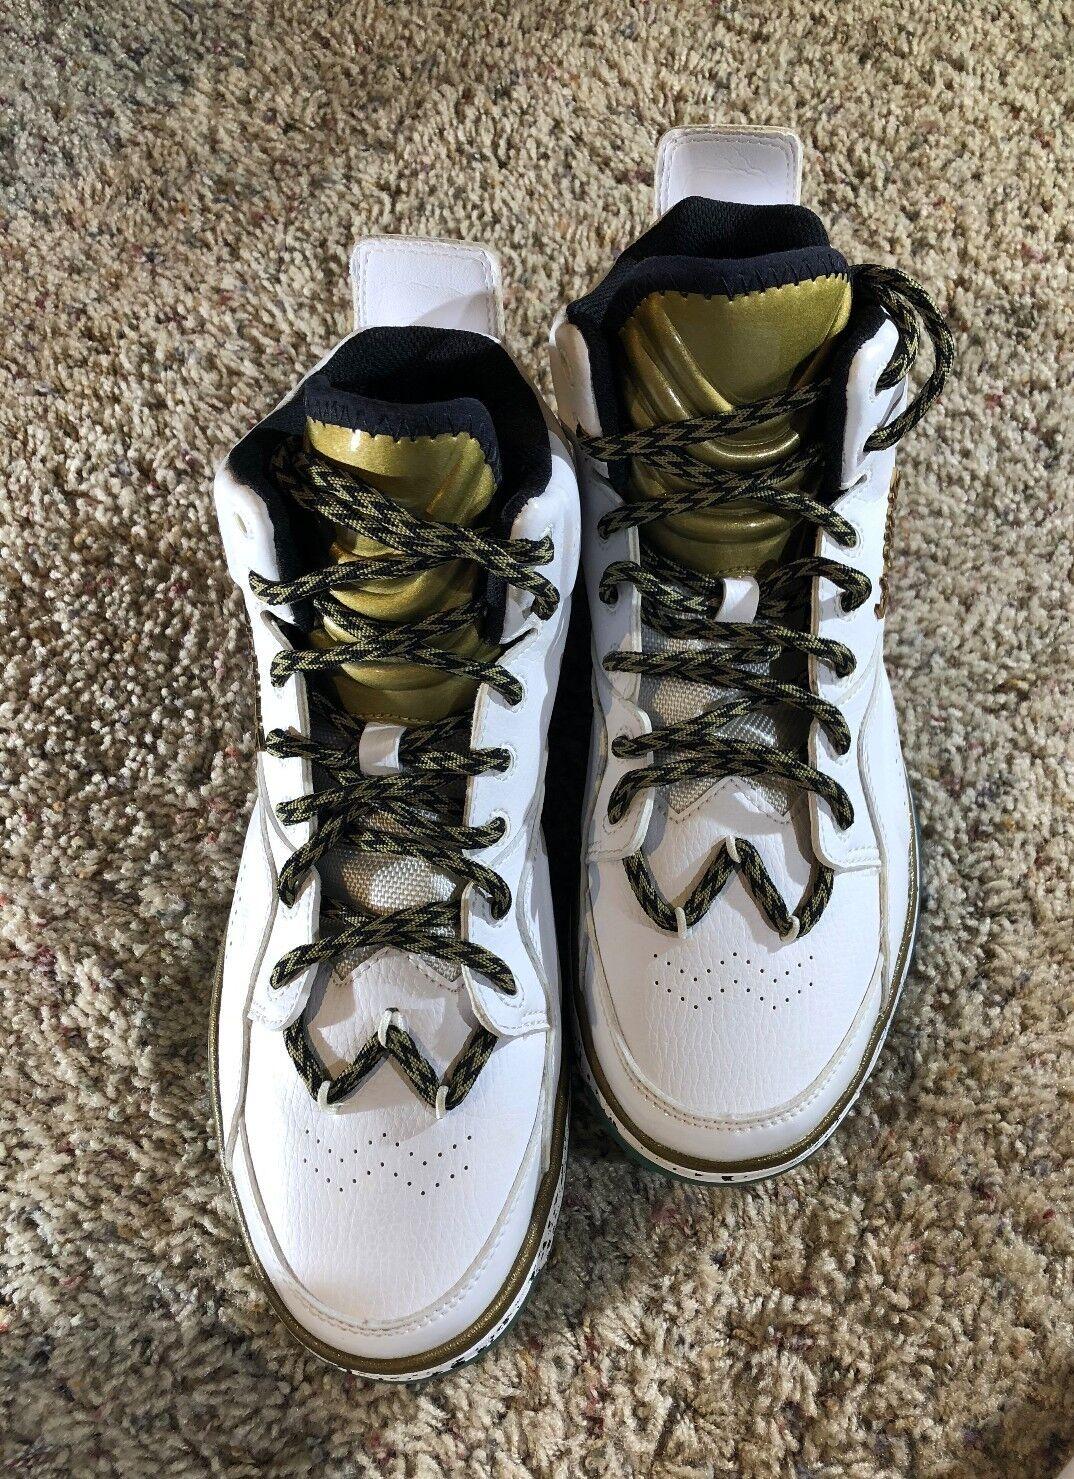 Brand New Li-Ning Evolution 937, ABCH061-2, Men's basketball shoe US9 White/Gold